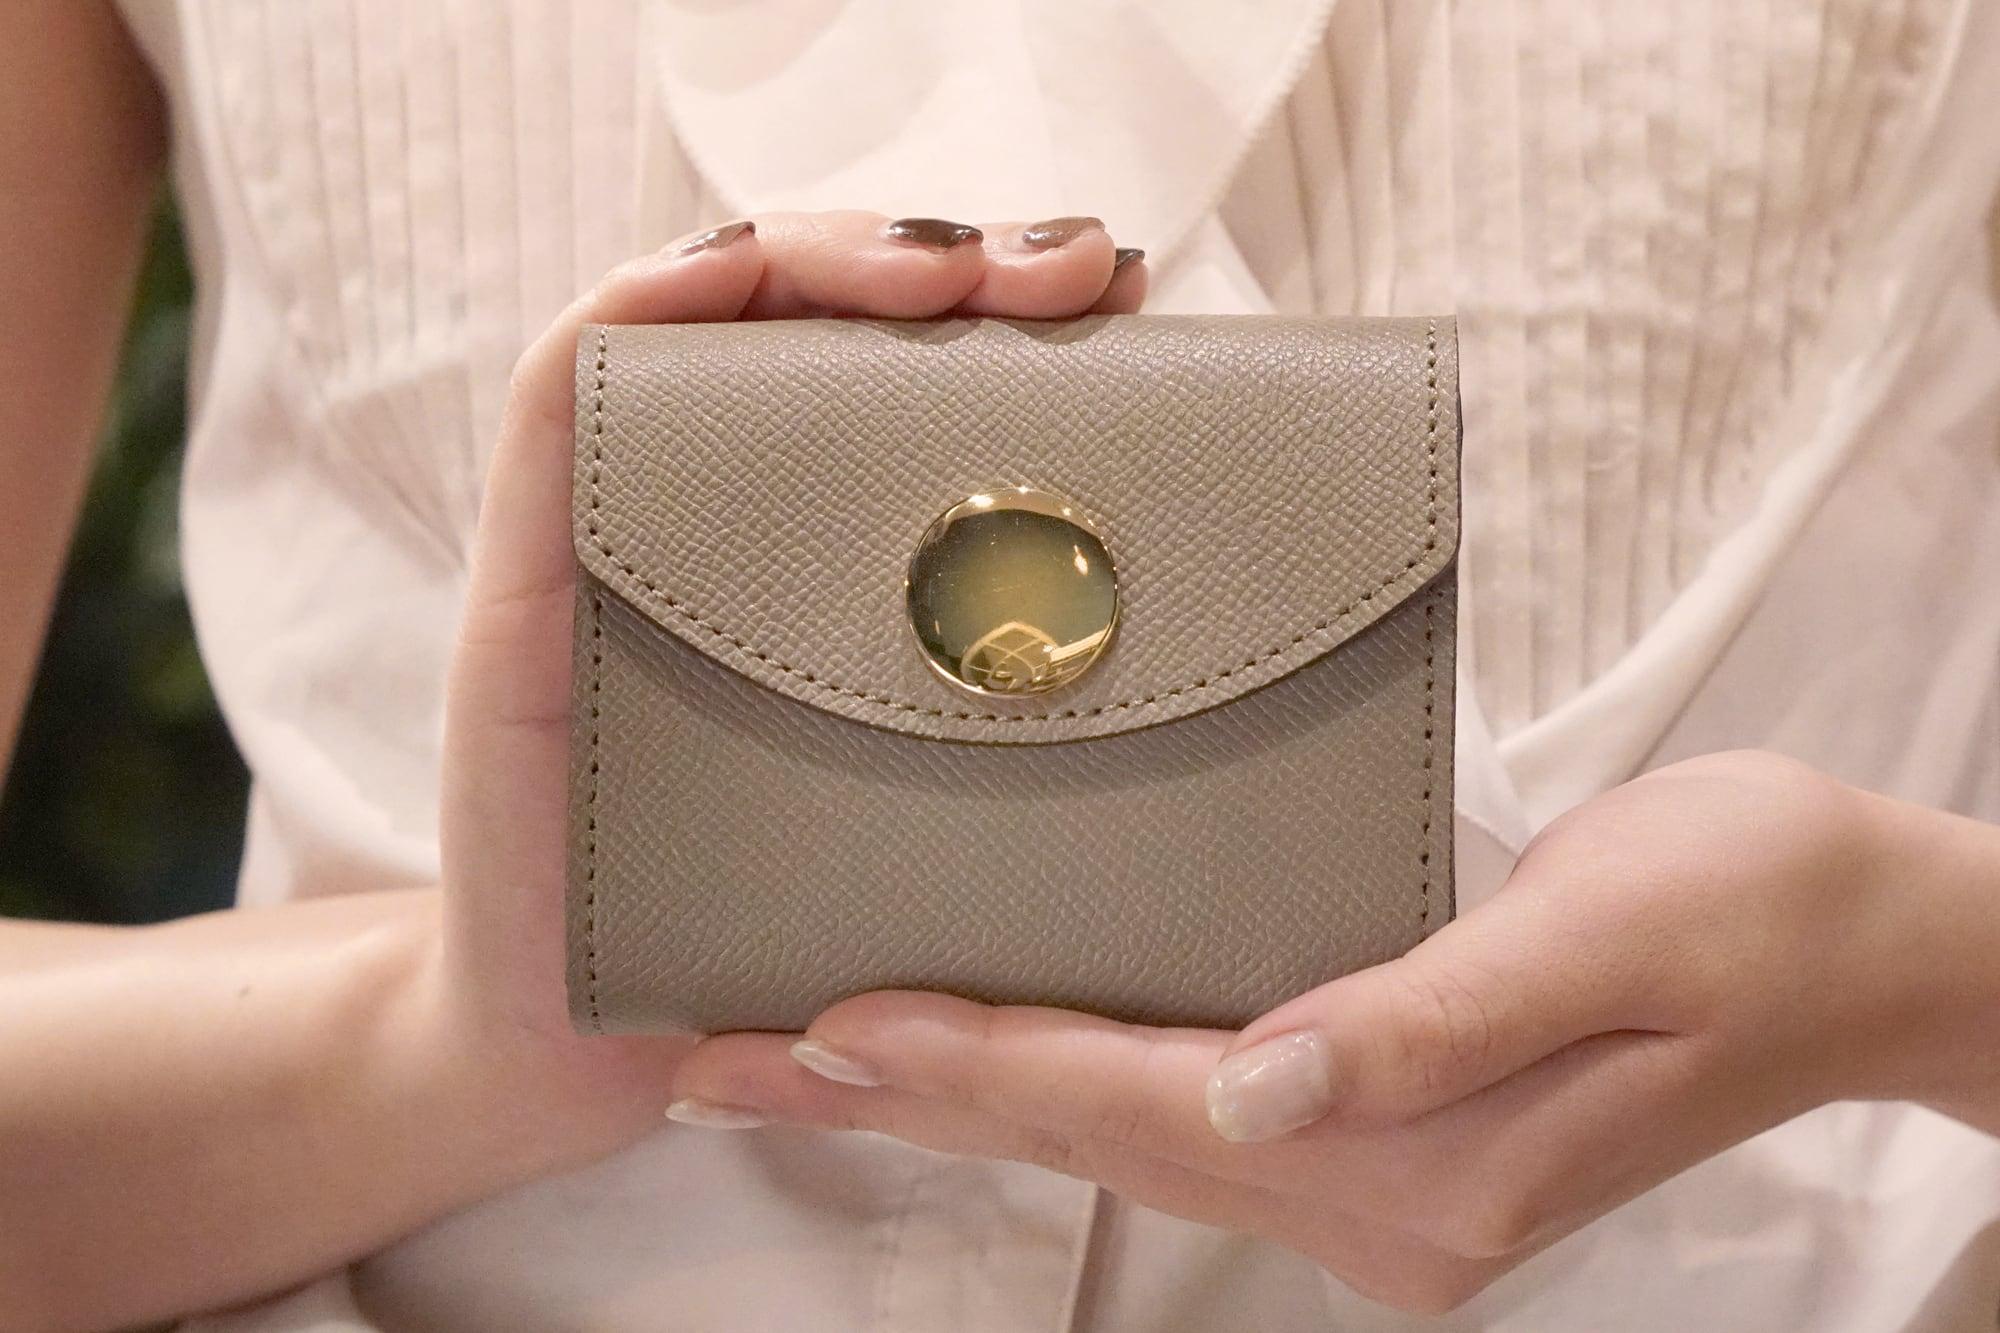 【限定色】身軽にキメたい時のコンパクト財布 ビッグボタン型/パーティーレザーグレージュ(本革製)